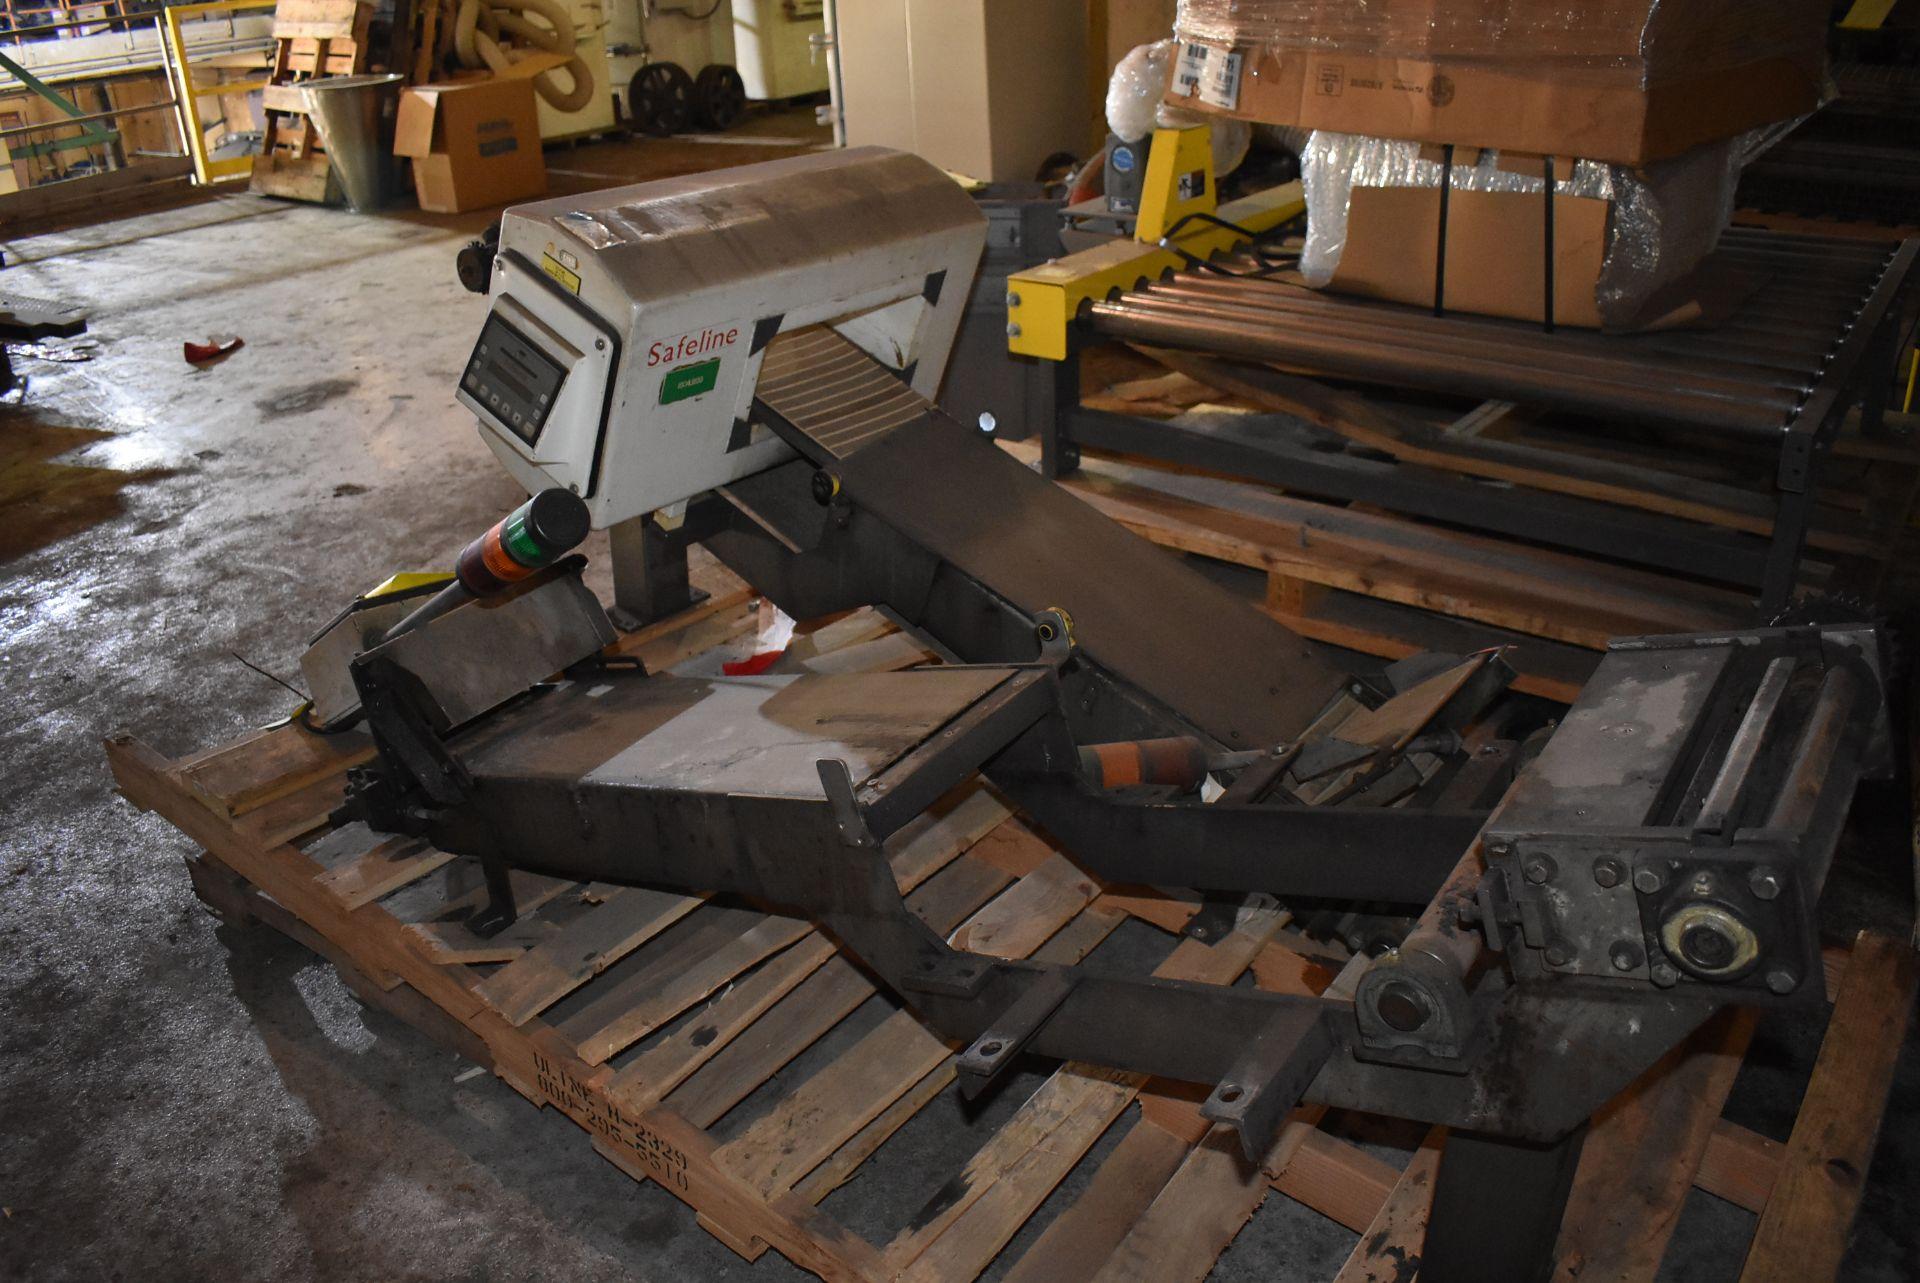 """Safeline Model #031-V2 Metal Detector, 13 1/2"""" x 6"""" Aperture, Includes Section of Conveyor - Image 3 of 4"""